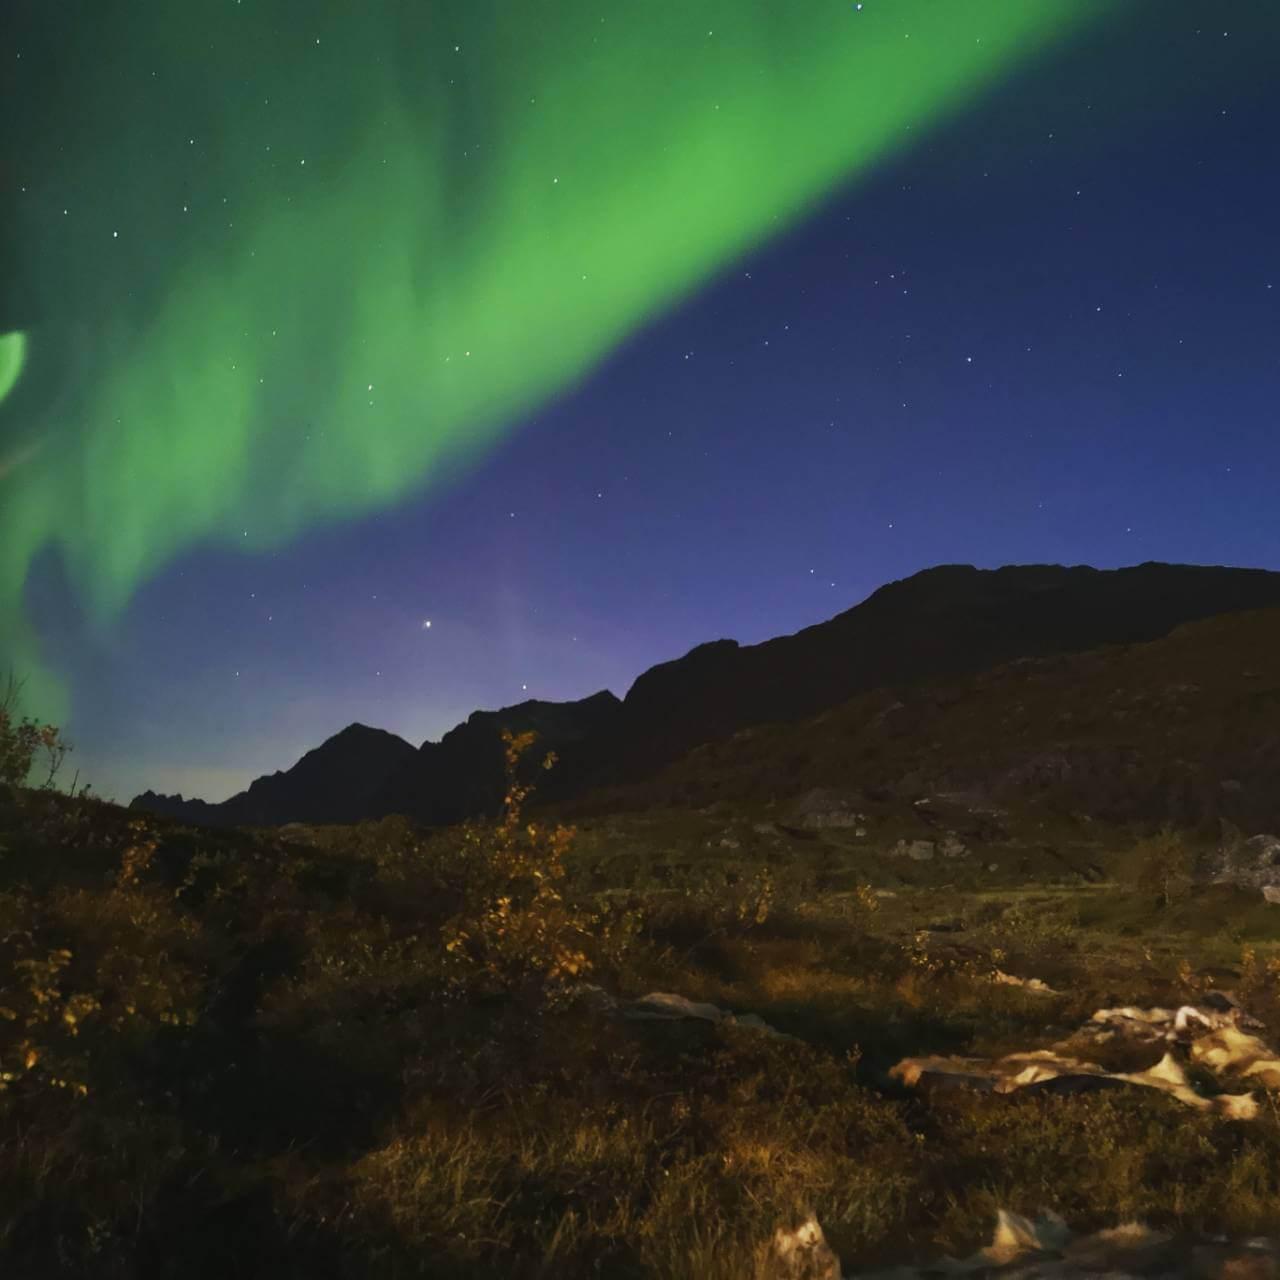 ノルウェー旅行3日目 北極圏の大自然の中でアウトドアウエディング